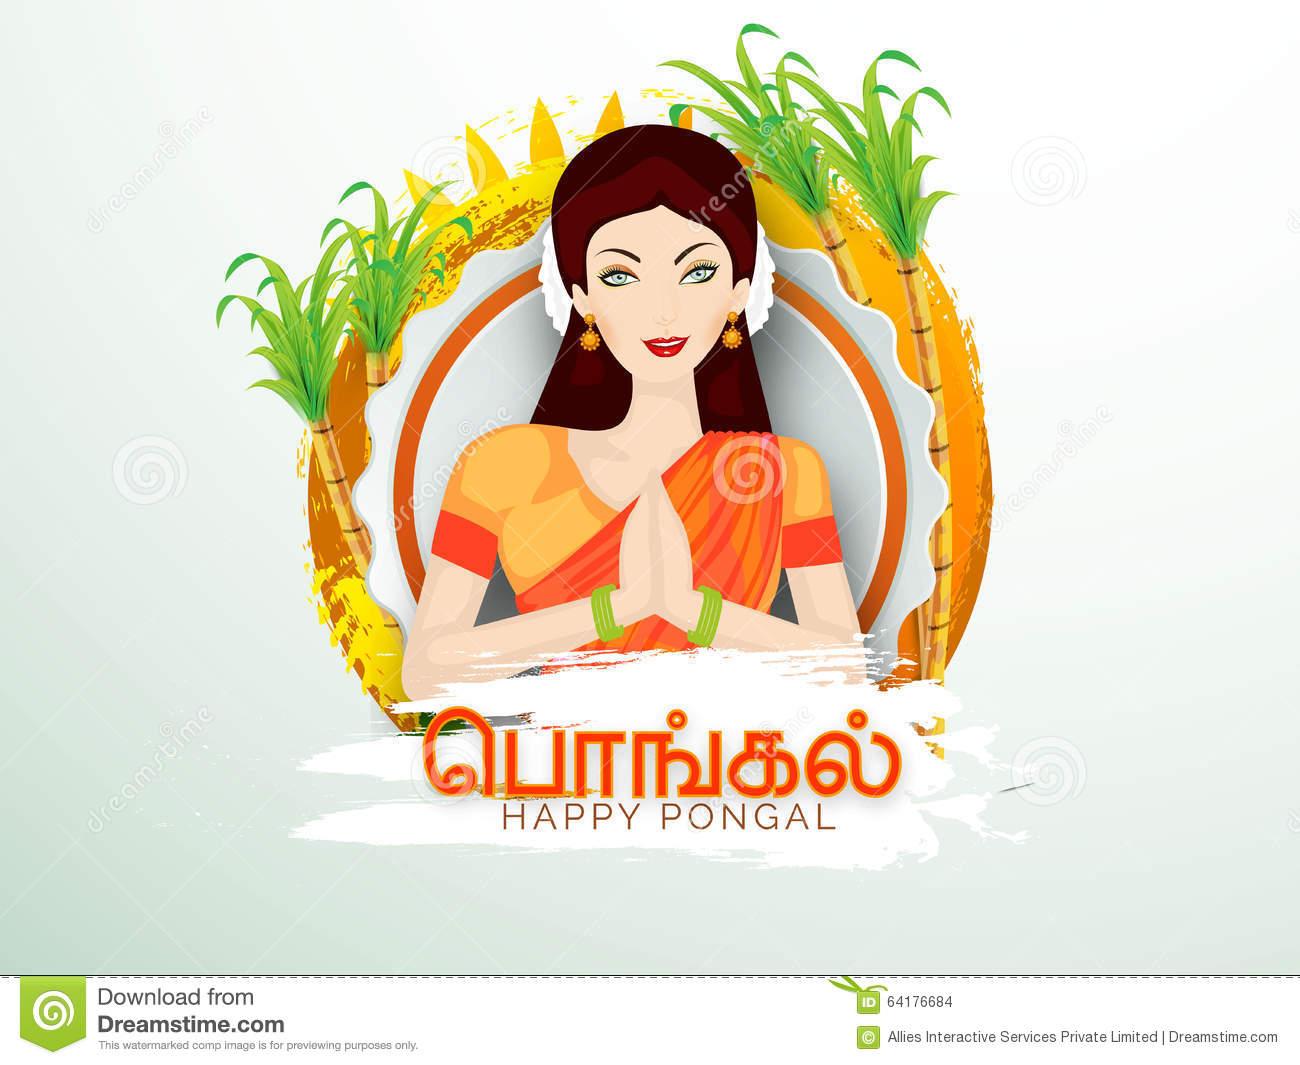 Pongal greetings clipart tamil.